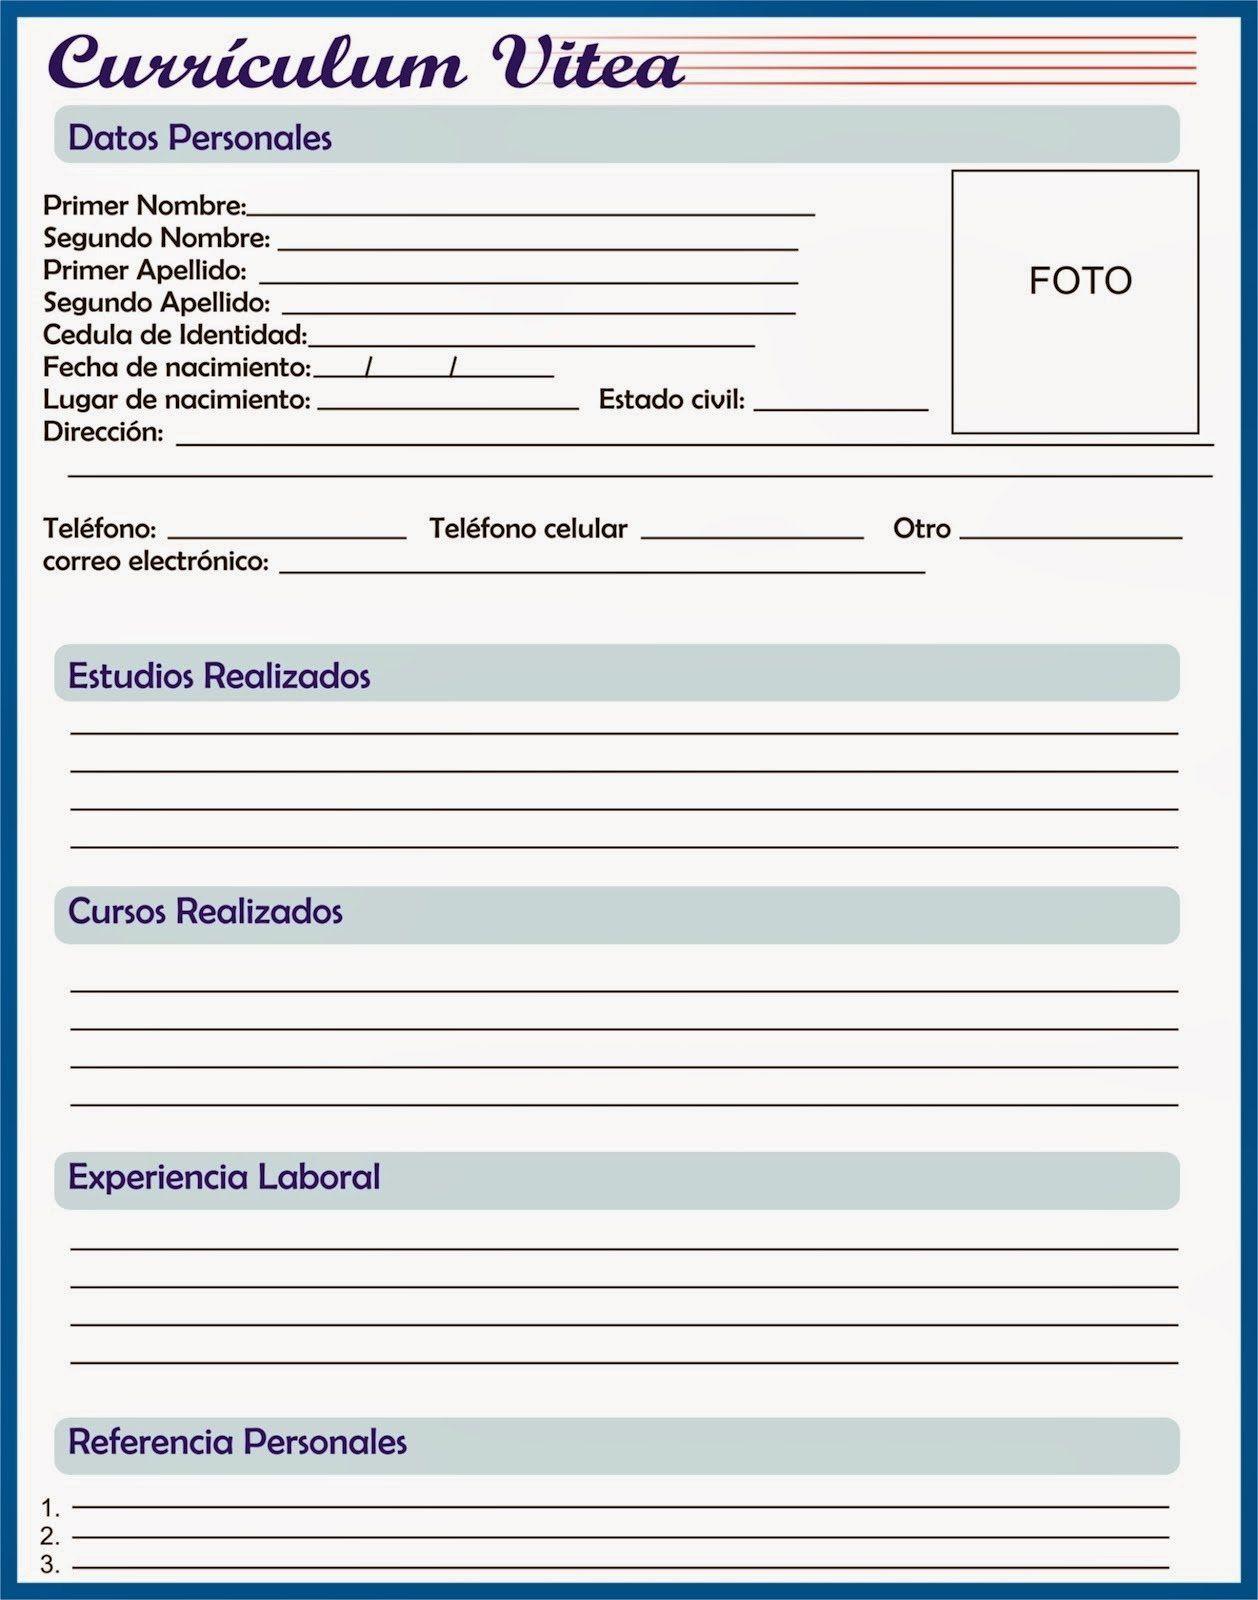 Curriculum Vitae Americano Download